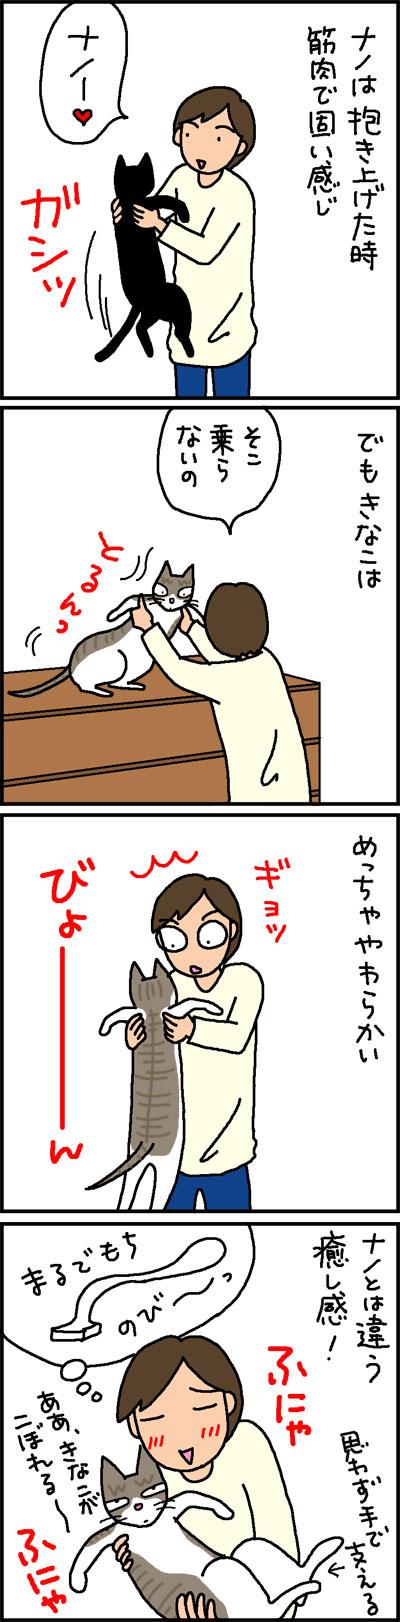 固い猫と柔らかい猫の4コマ猫漫画